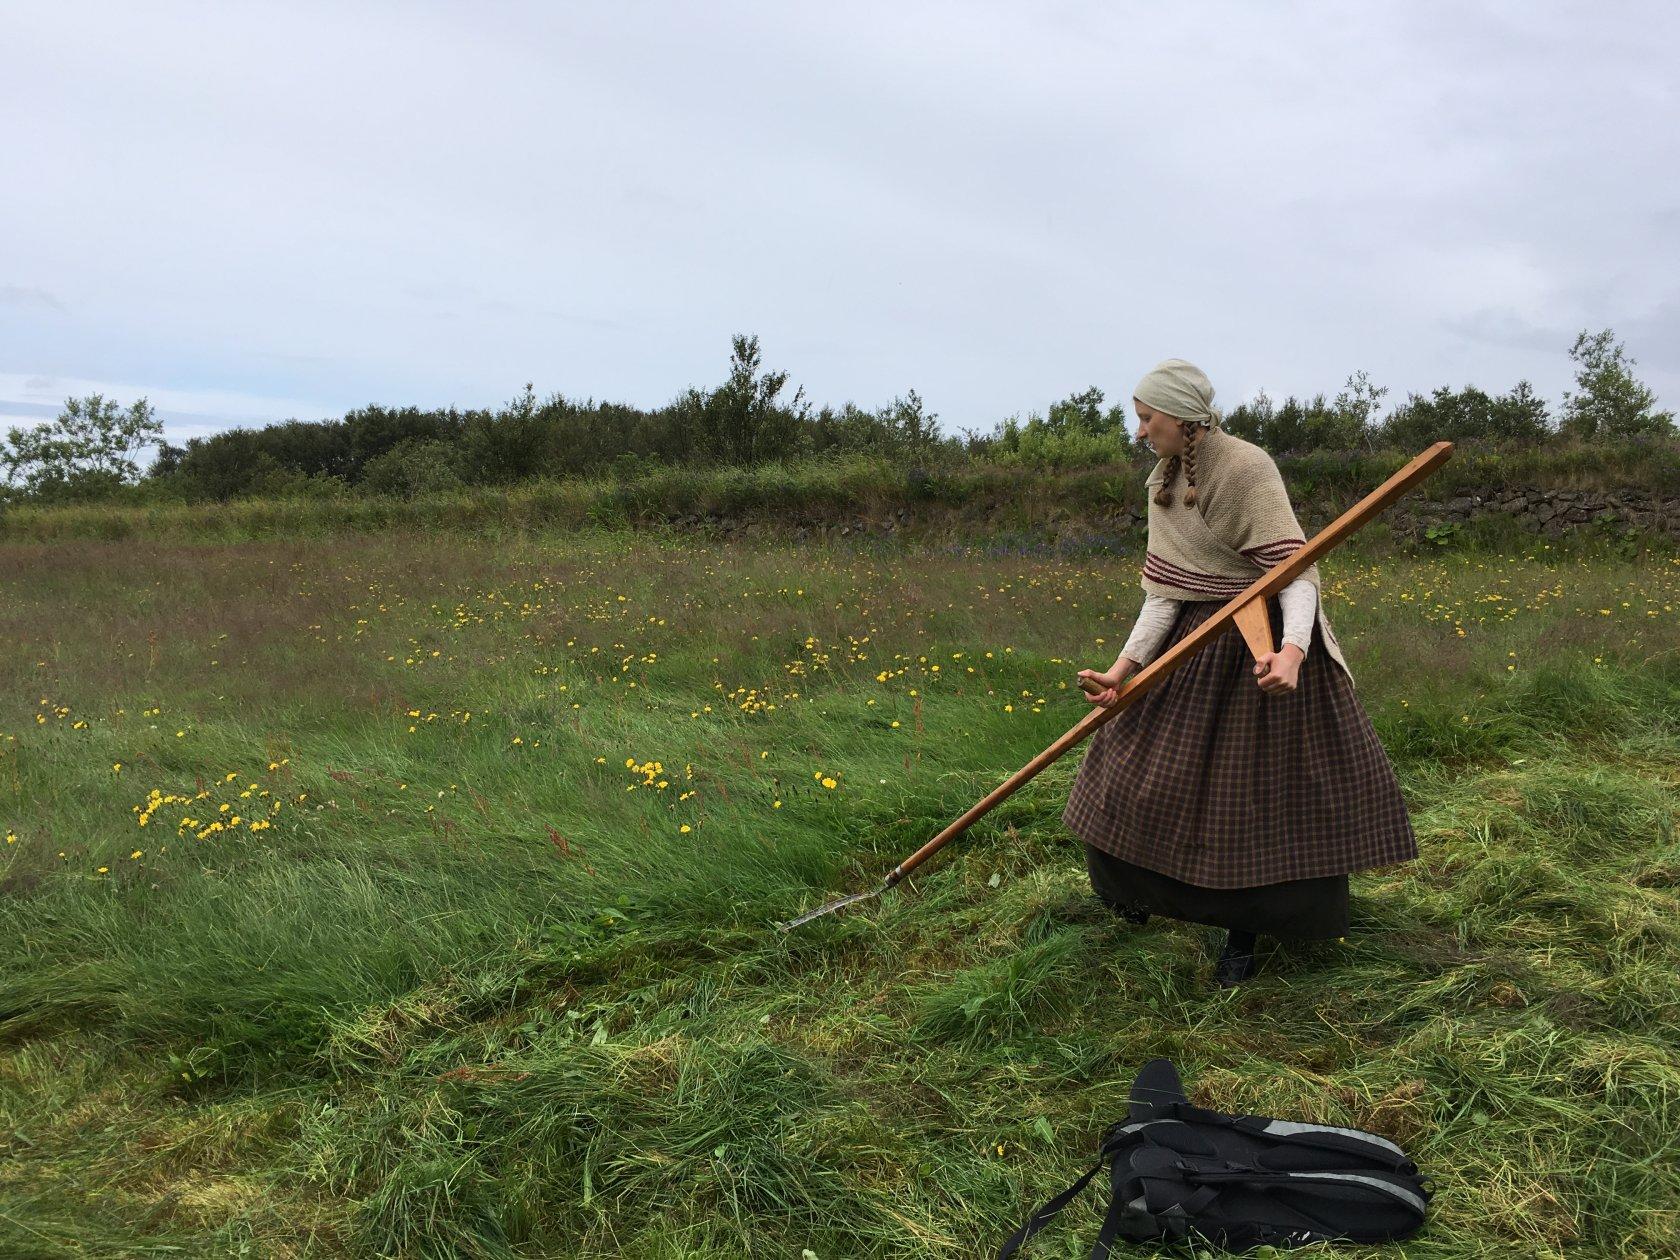 Органическое земледелие, пермакультура: Сенокос в Исландии – дань традициям